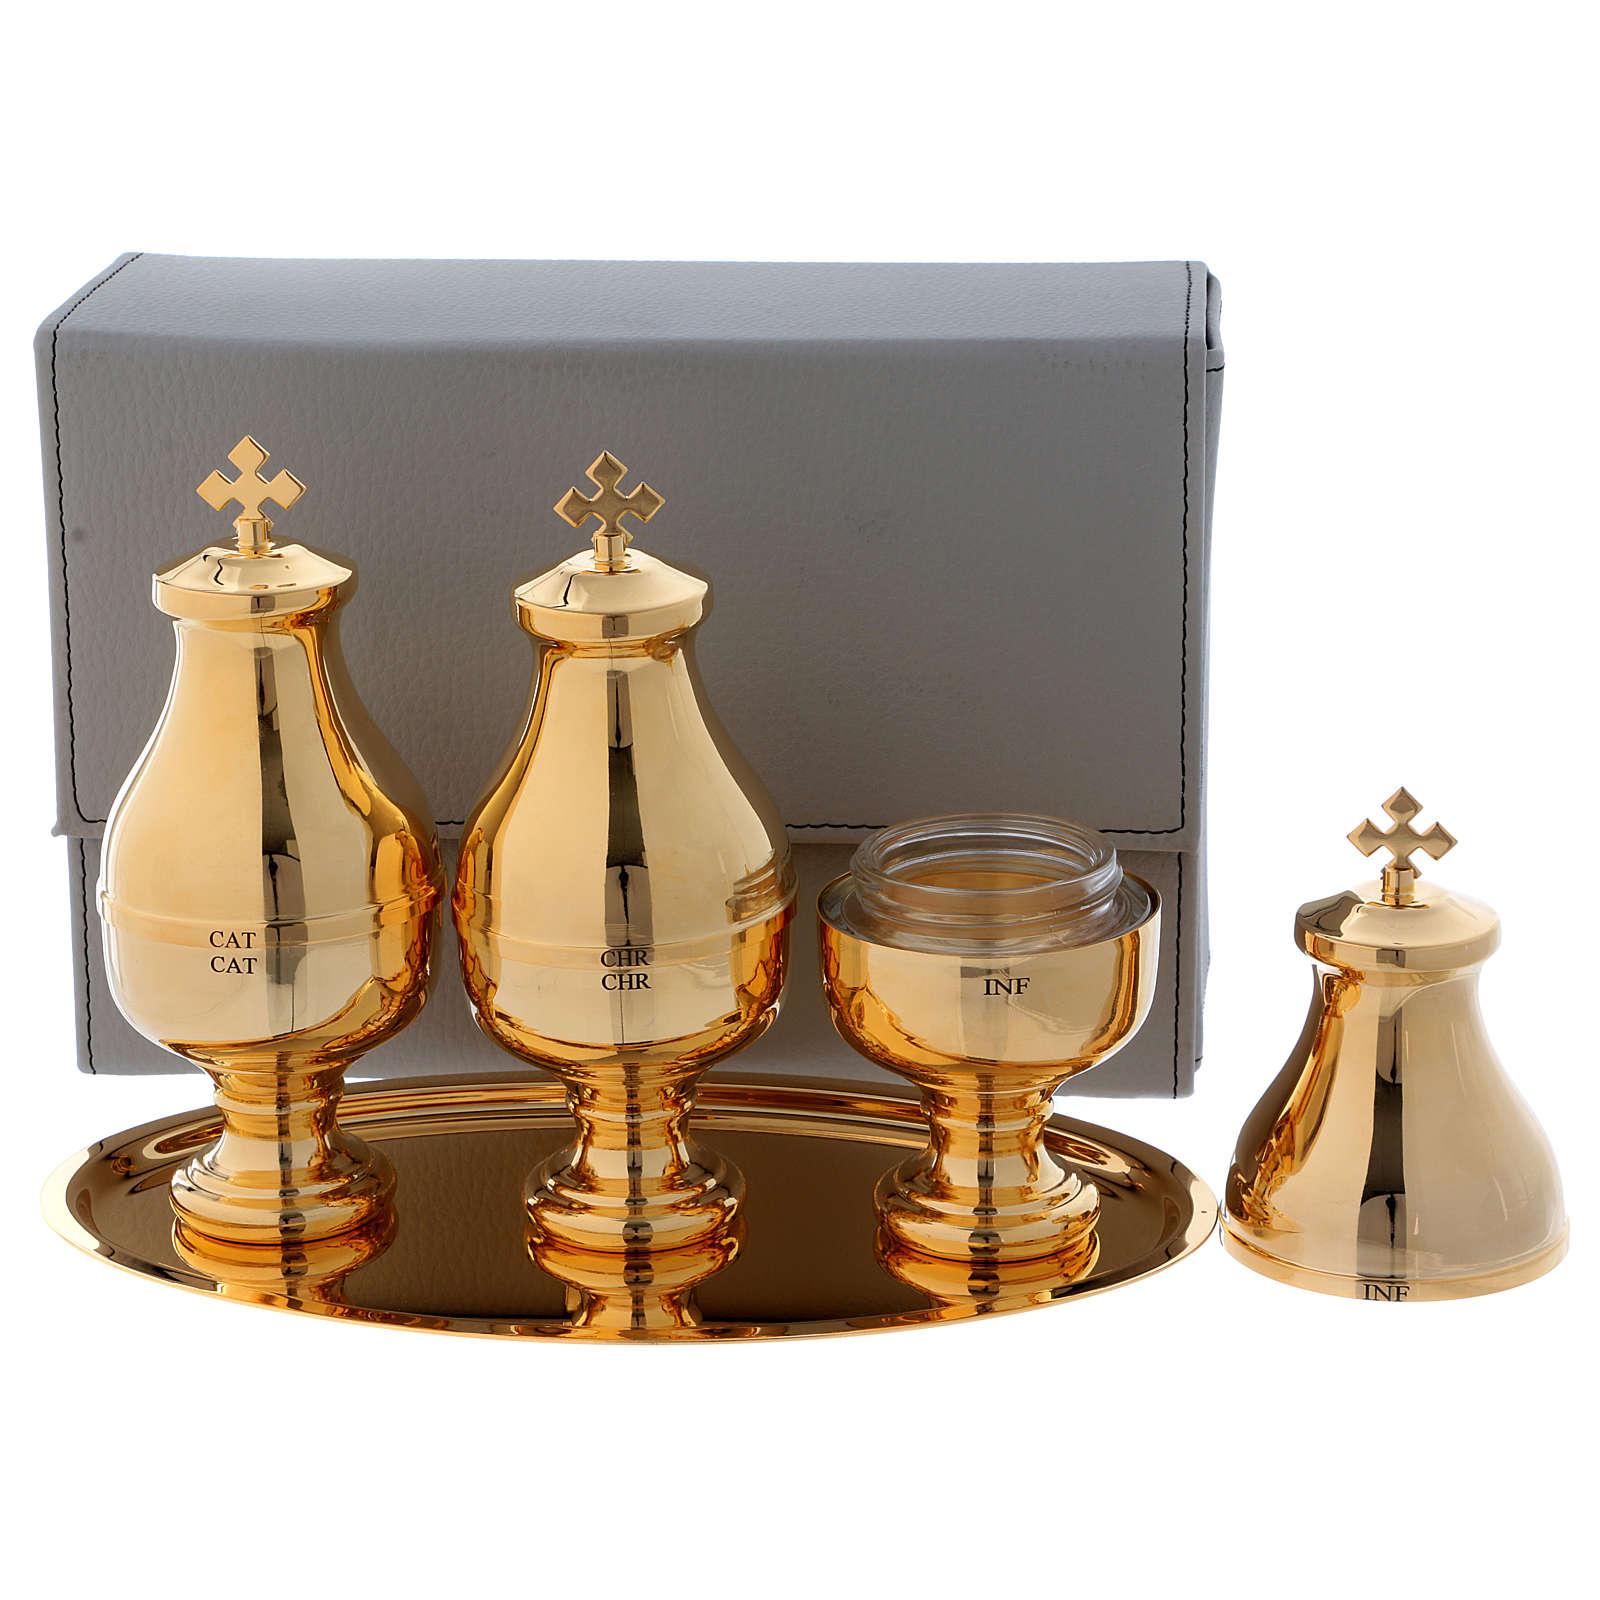 Astuccio similpelle con tre vasetti Crismera alto per oli sacri  3